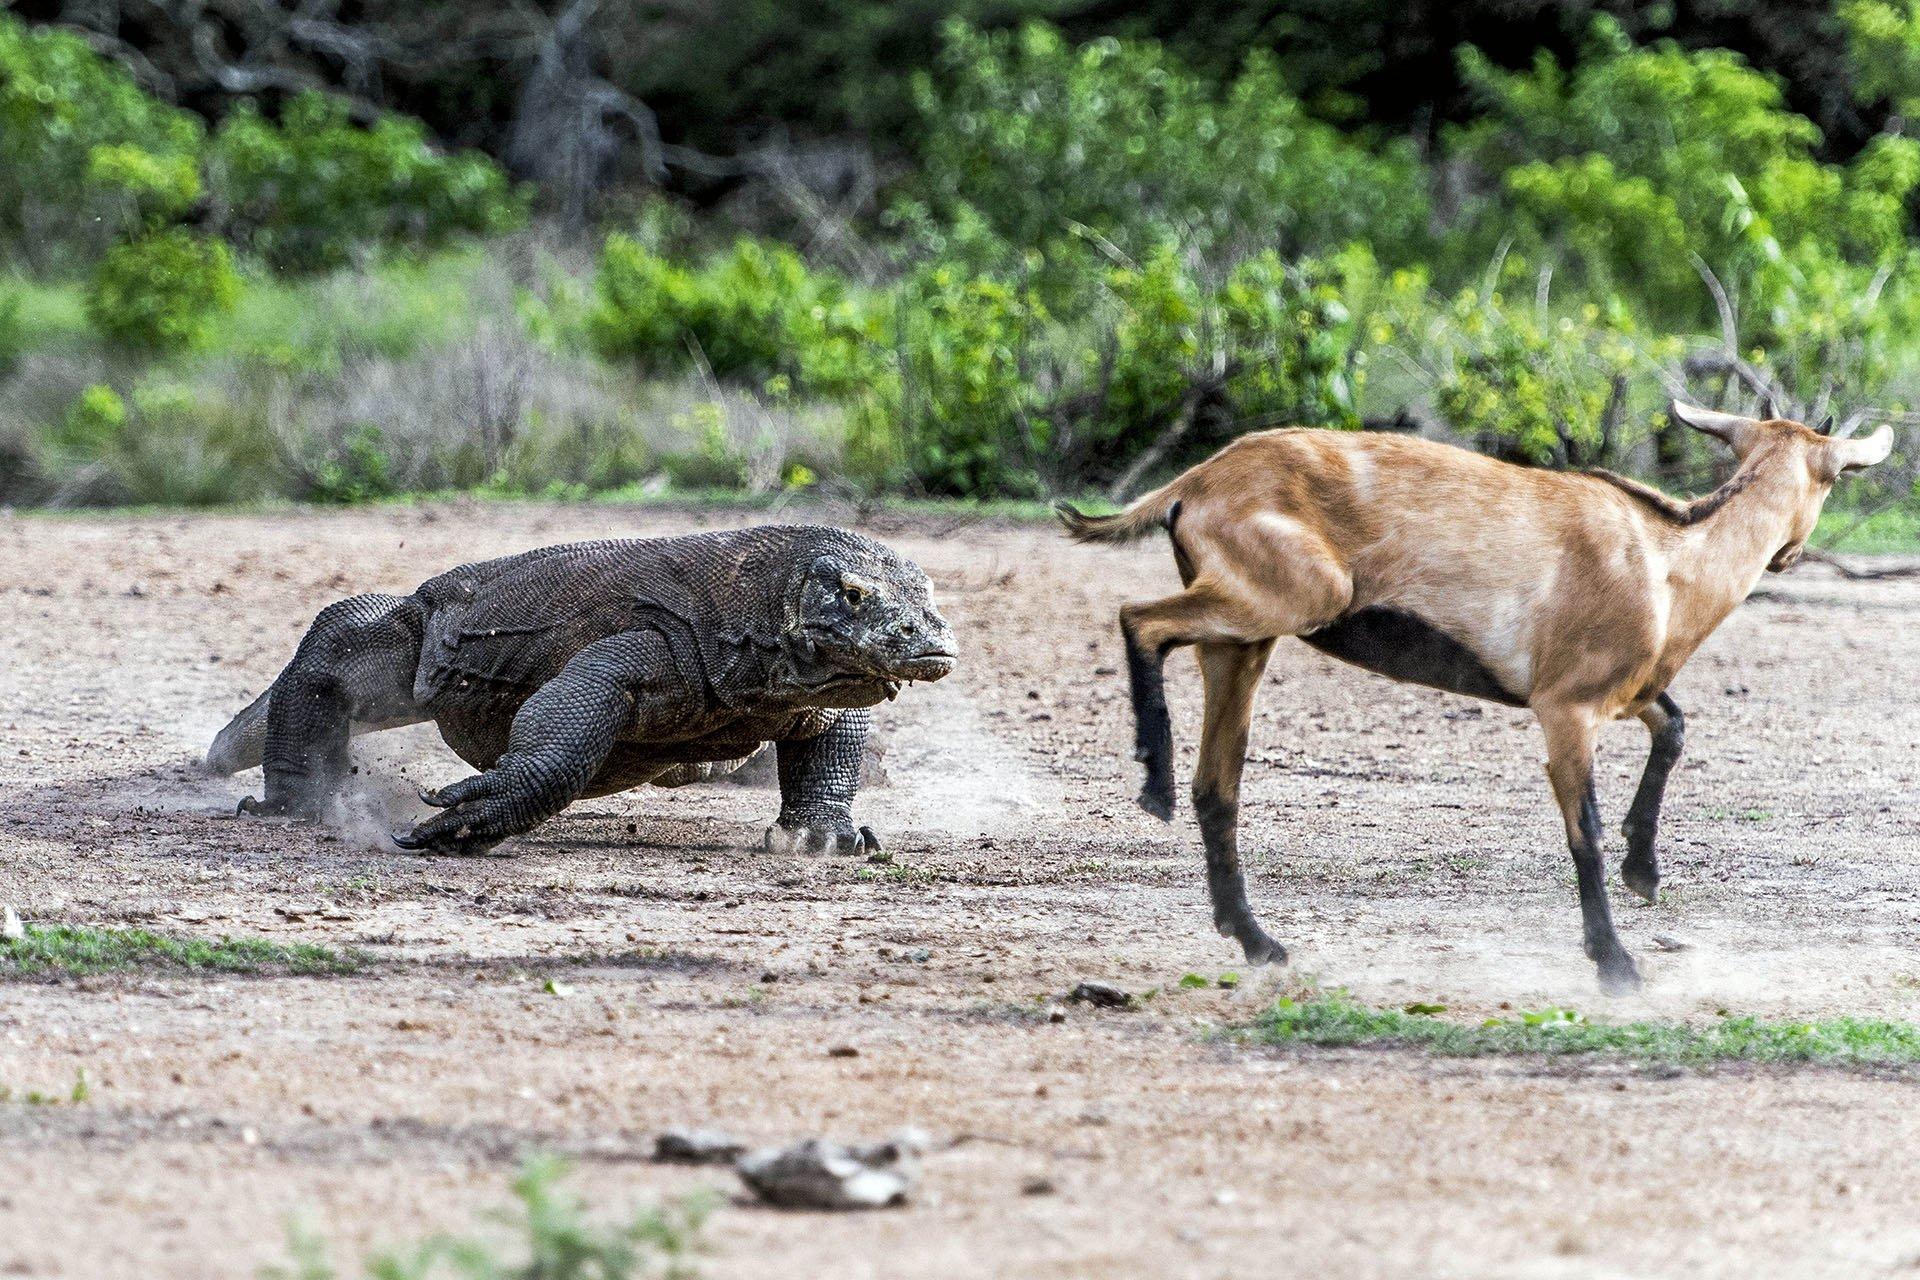 Un dragón de Komodo está cerca de atrapar a una desorientada cabra en la isla de Indonesia que lleva el nombre de los feroces animales